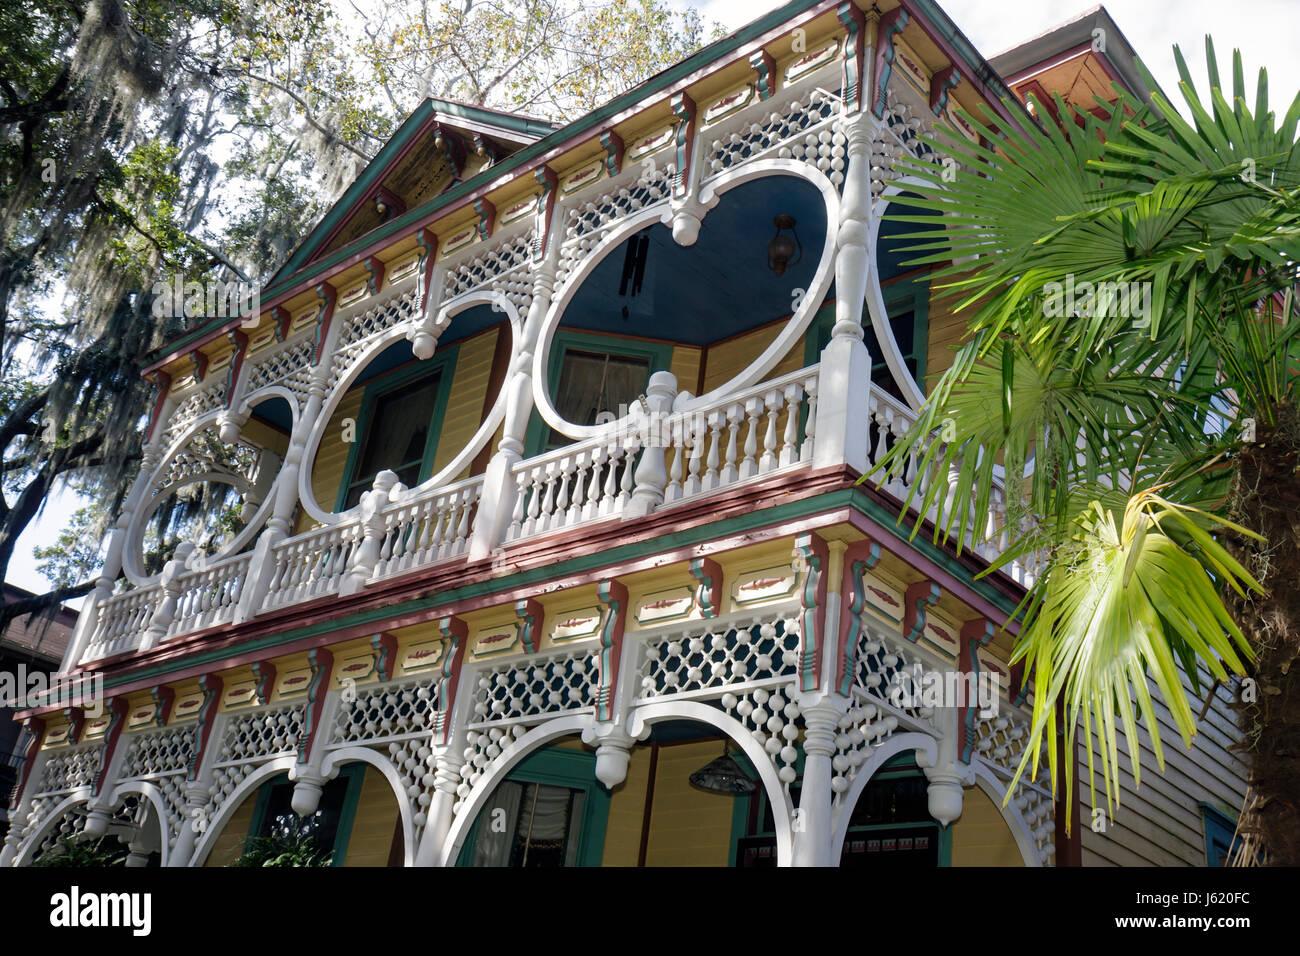 Le quartier historique de Savannah en Géorgie quartier victorien Bull Street Gingerbread House Asendorf Chambre Photo Stock